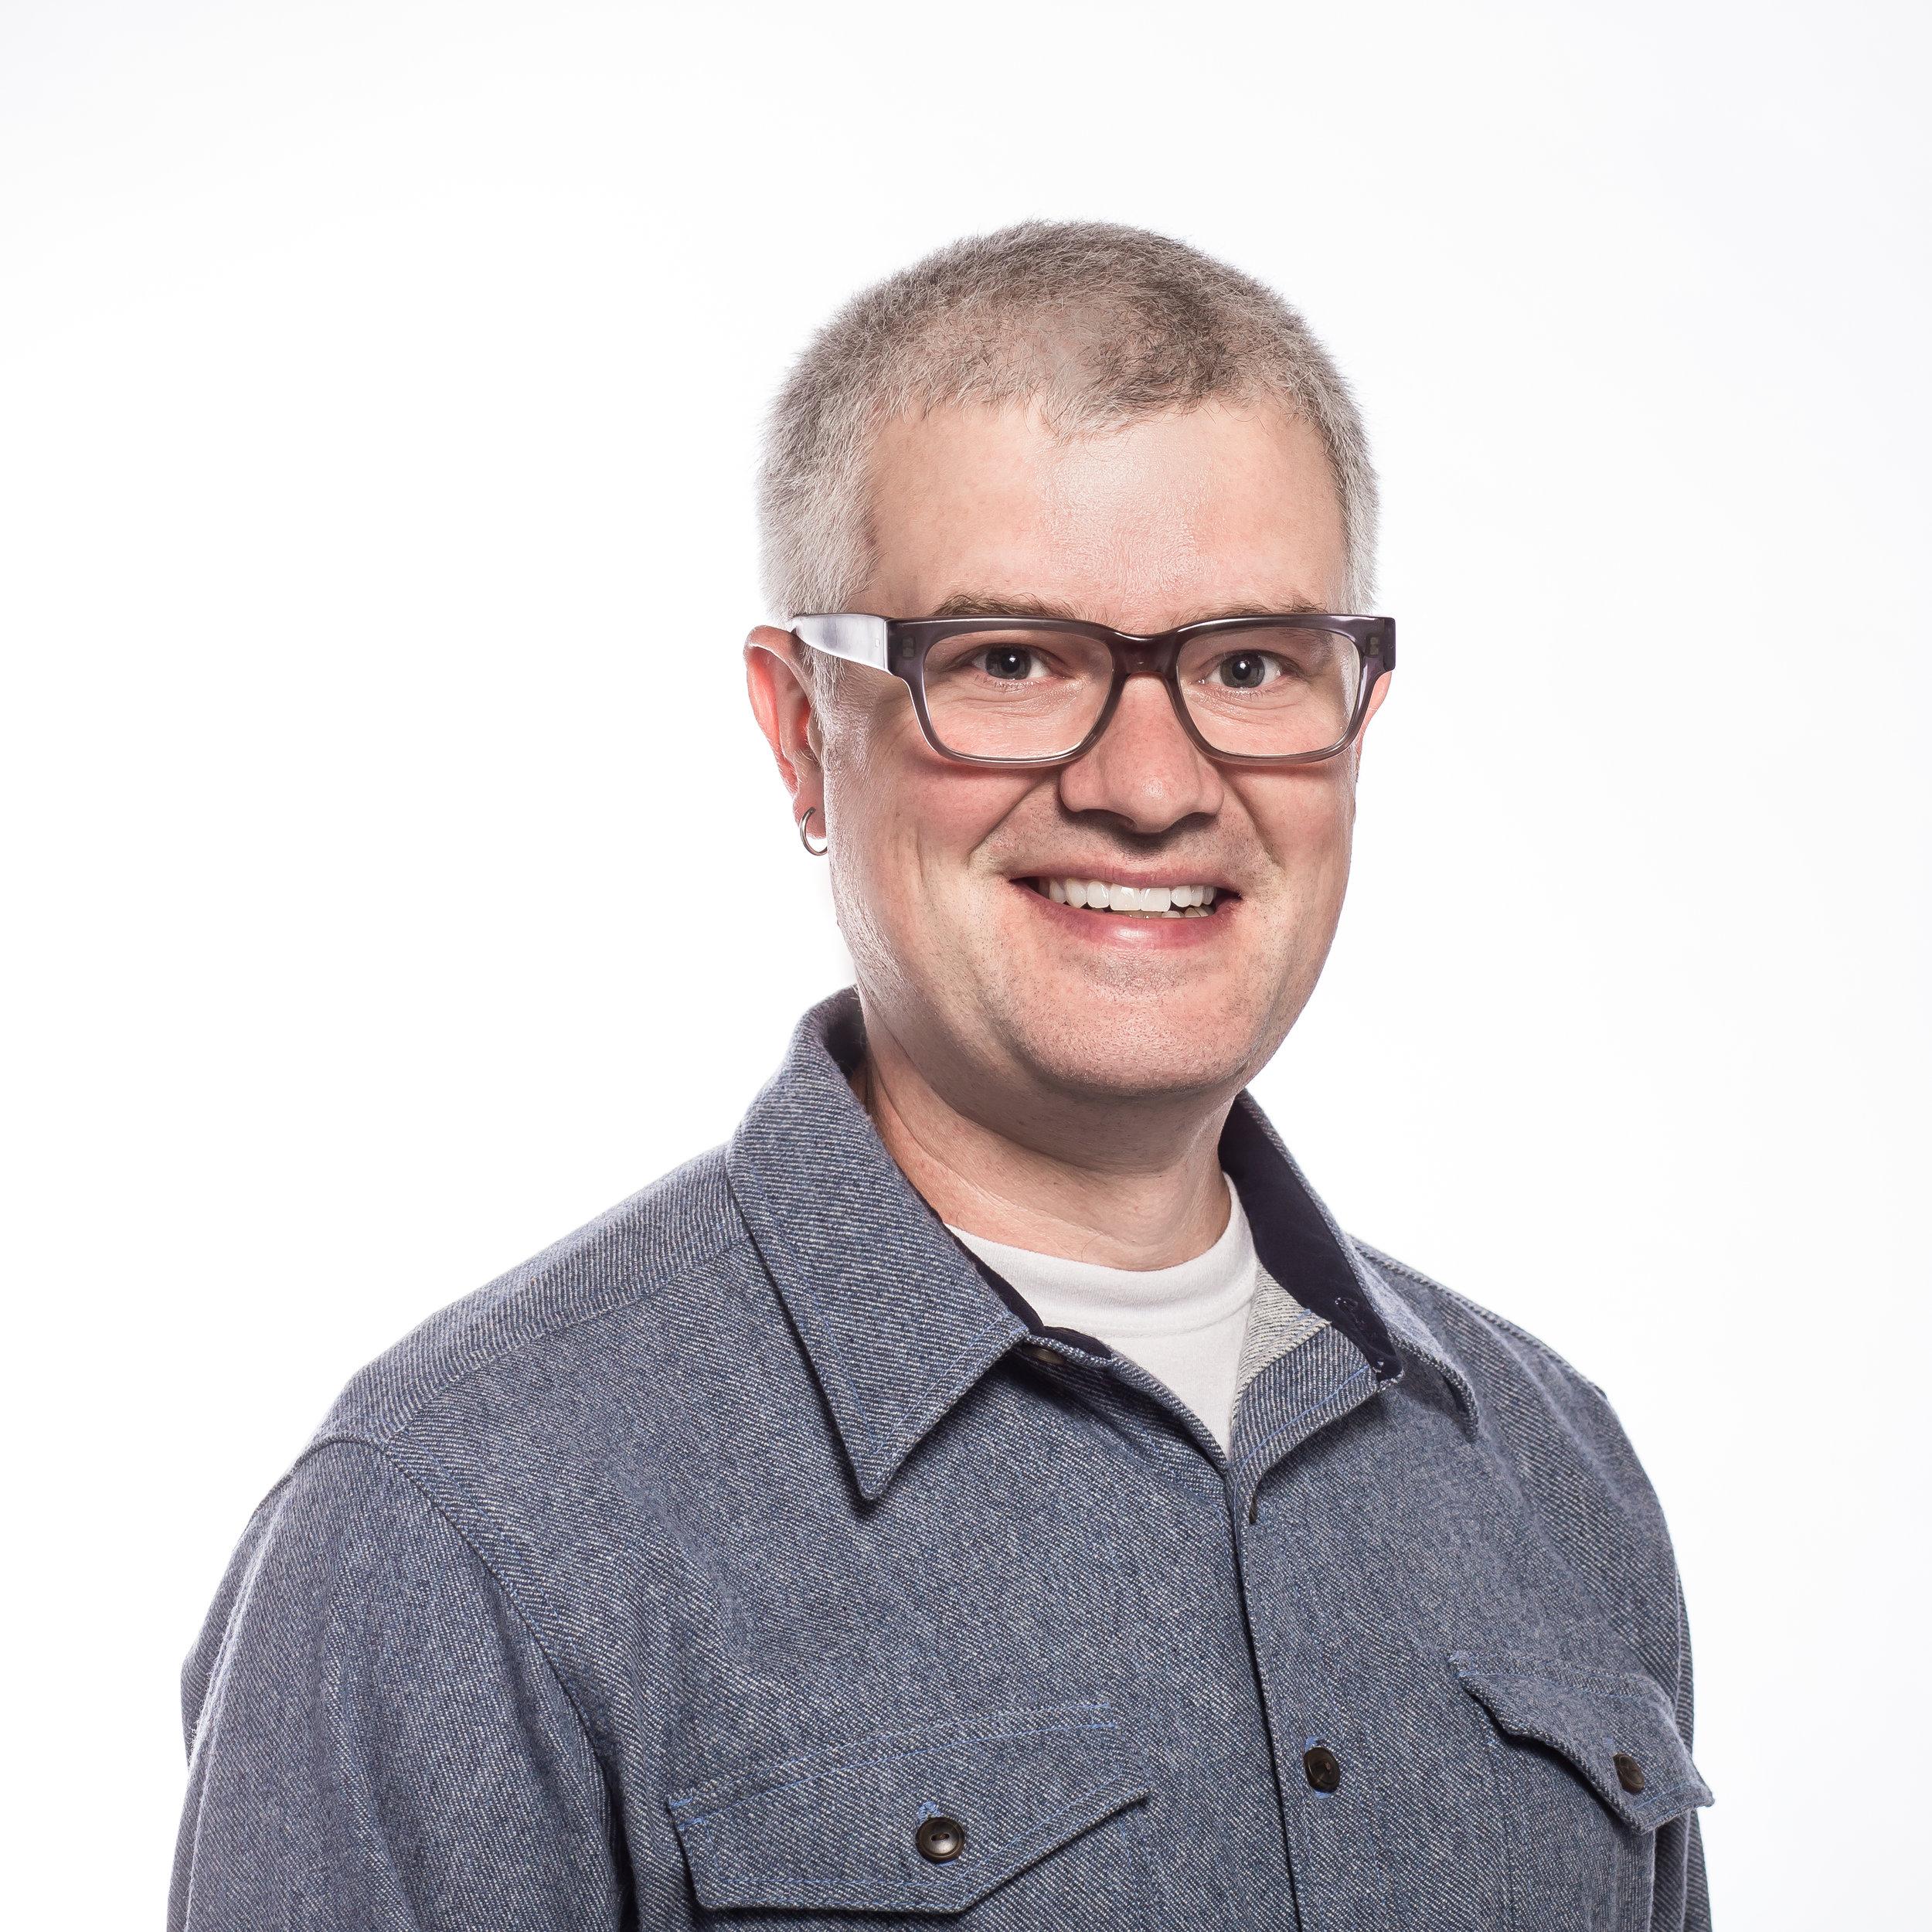 DAVE SELDEN / Portland   Creative Director & Entrepreneur